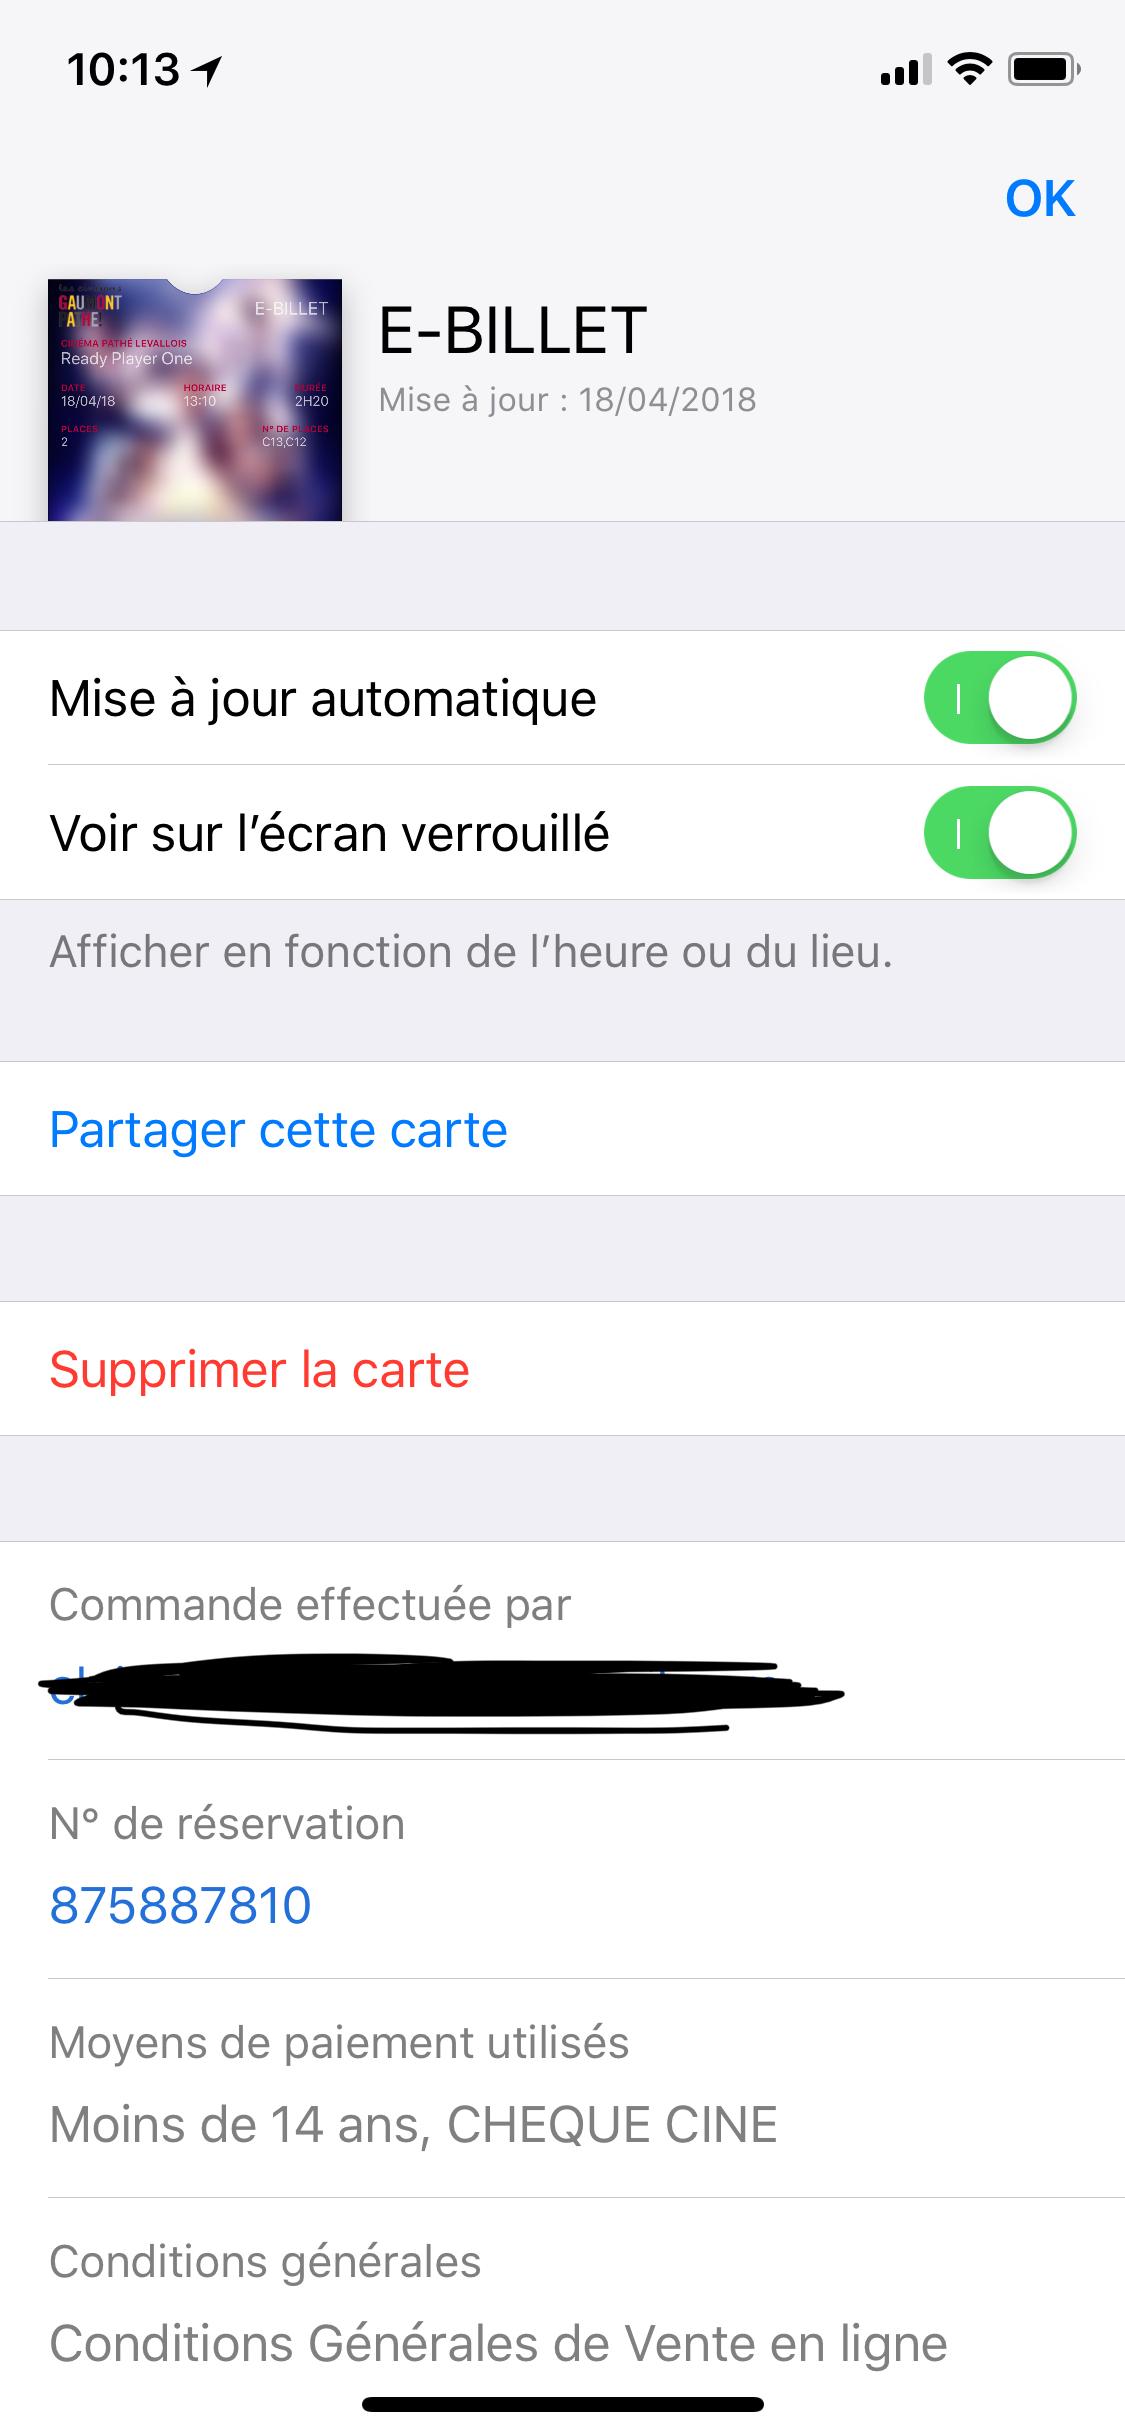 options_ticket_cinema_iphone_wallet_apple